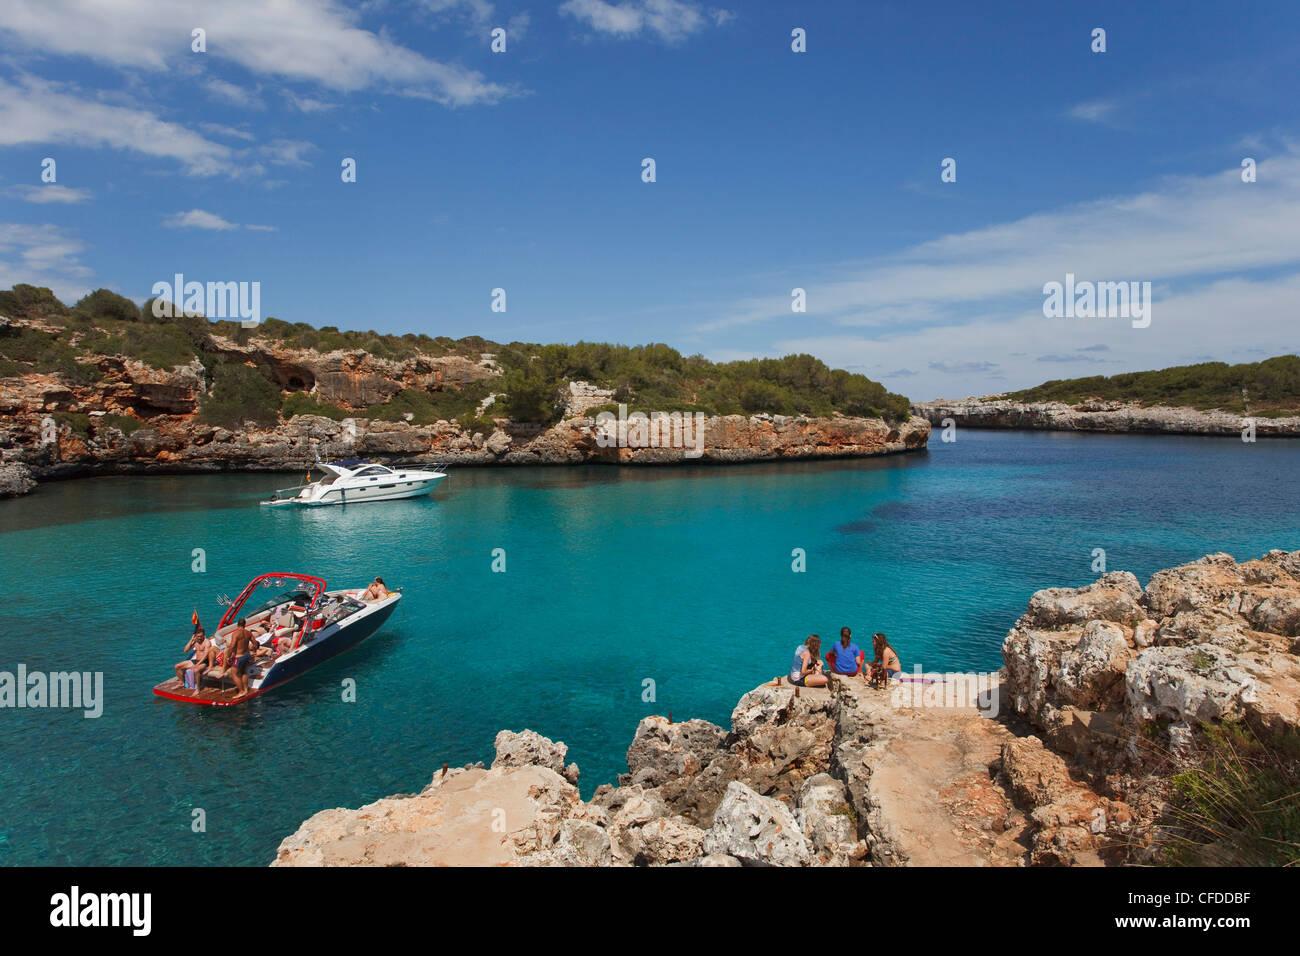 Cala Sa Nau, bay, near Cala dOr, Mallorca, Balearic Islands, Spain, Europe - Stock Image